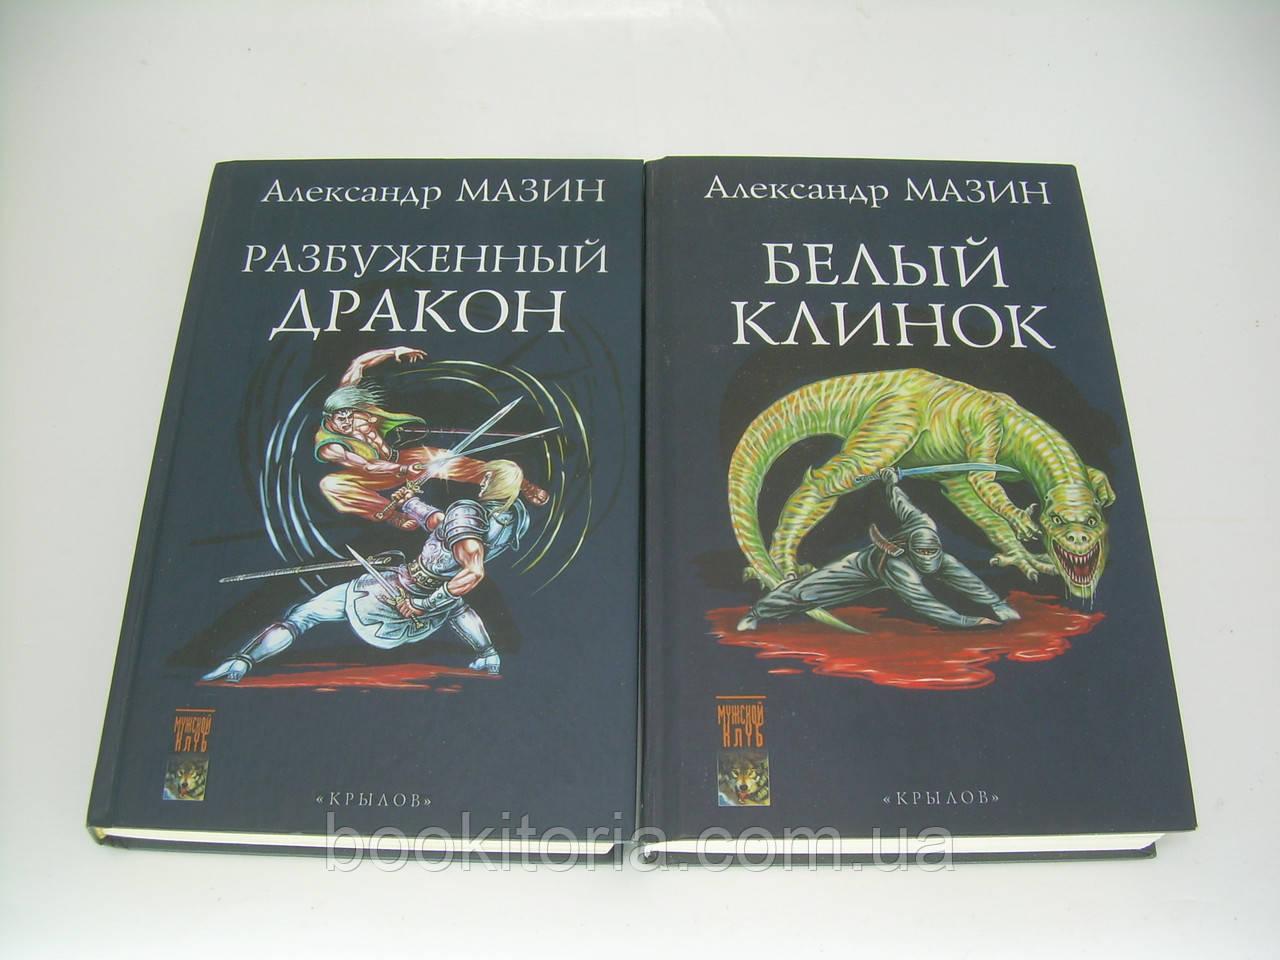 Мазин А. Дракон Конга. Разбуженный дракон. Белый клинок (б/у).